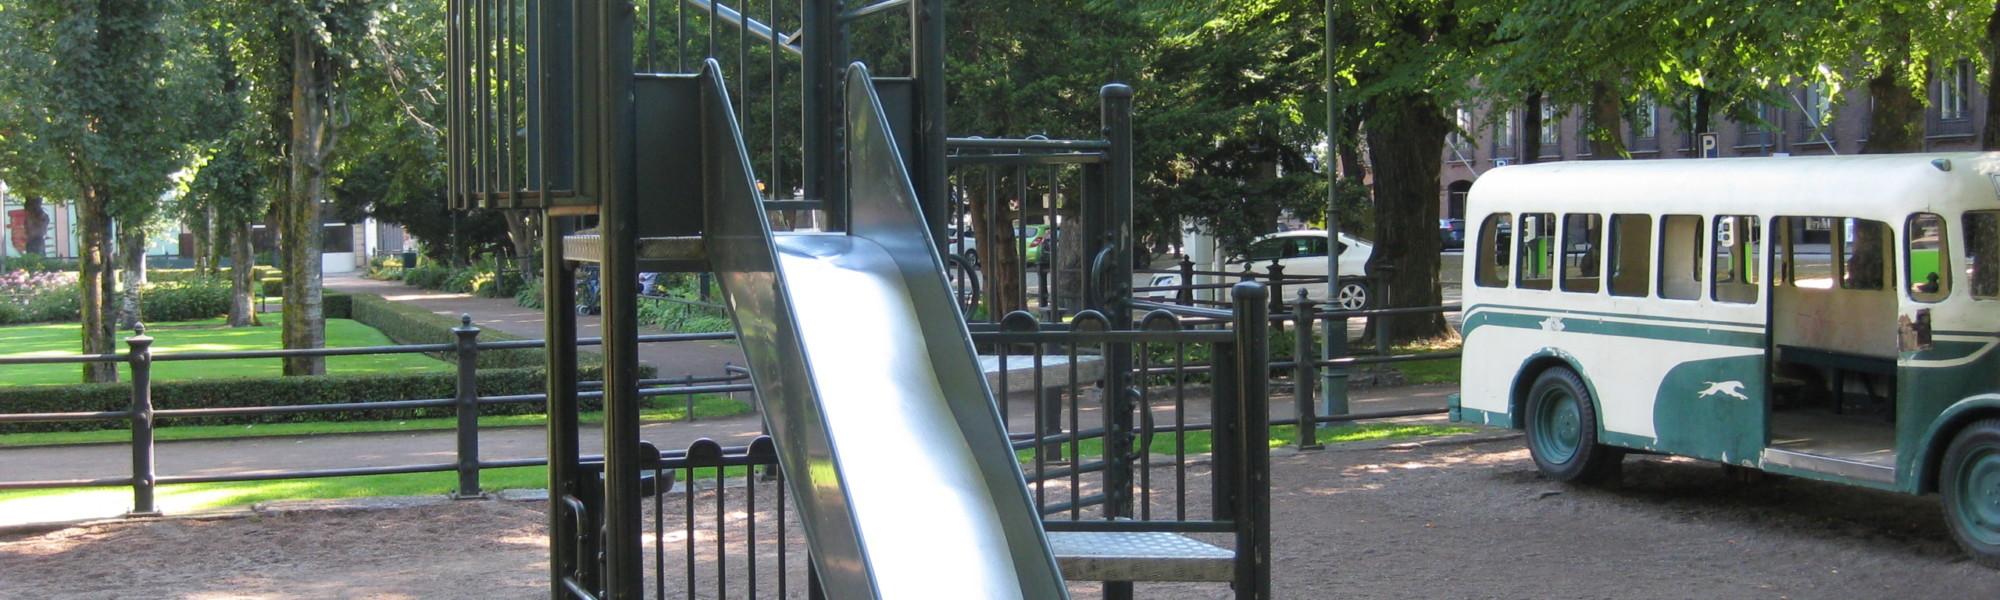 Kuvassa on Sibeliuksenpuiston leikkipaikka